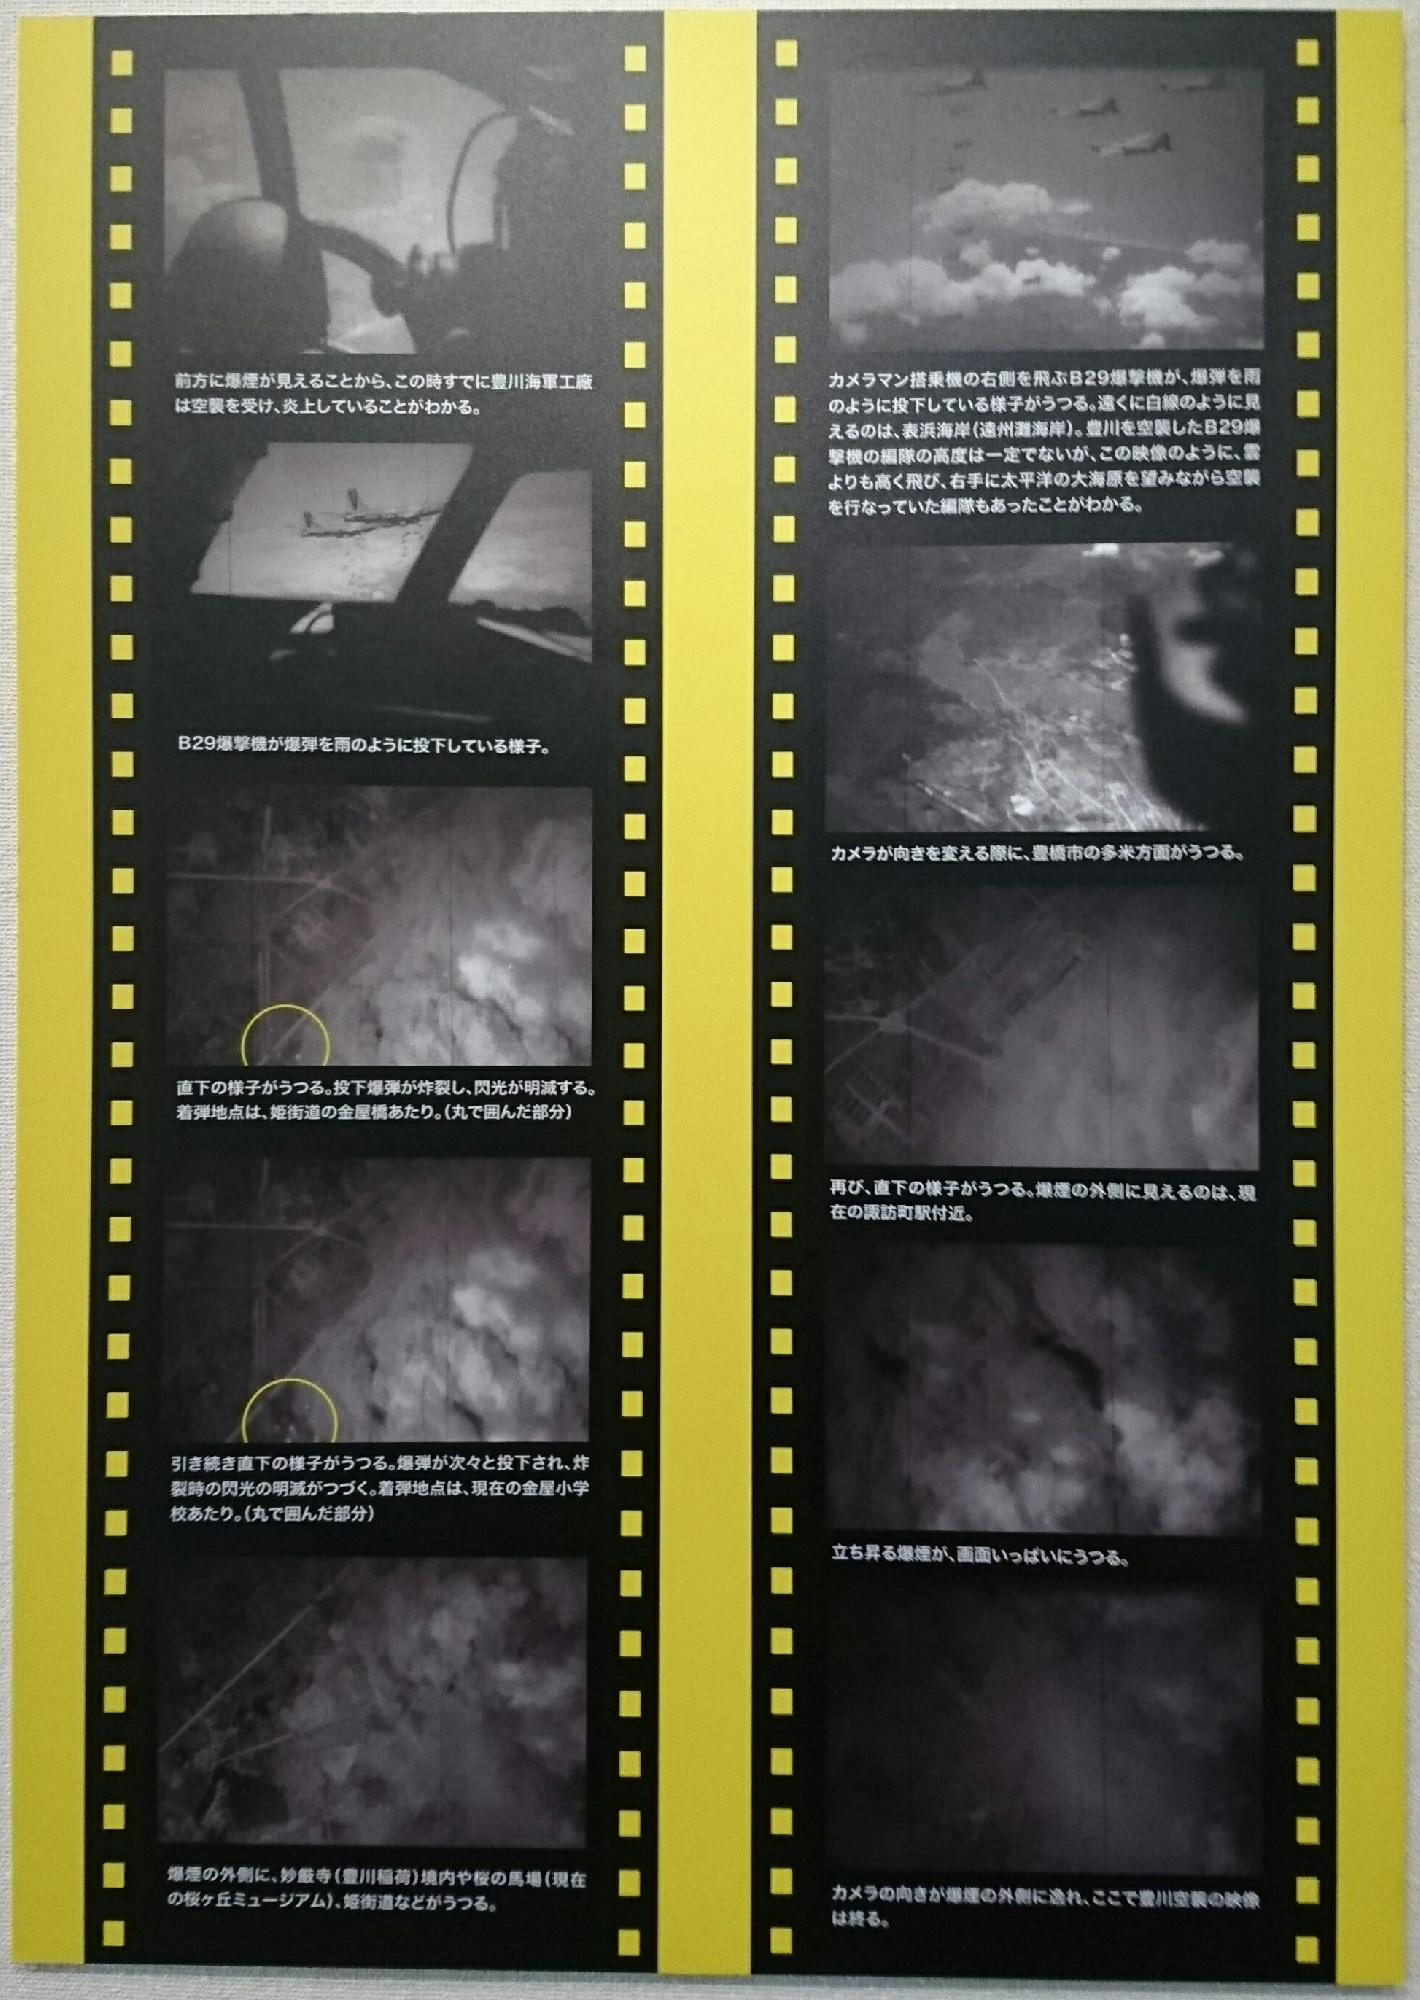 2017.8.30 豊川海軍工廠展 (2) アメリカ軍がさつえいした豊川くうしゅう 1420-2000